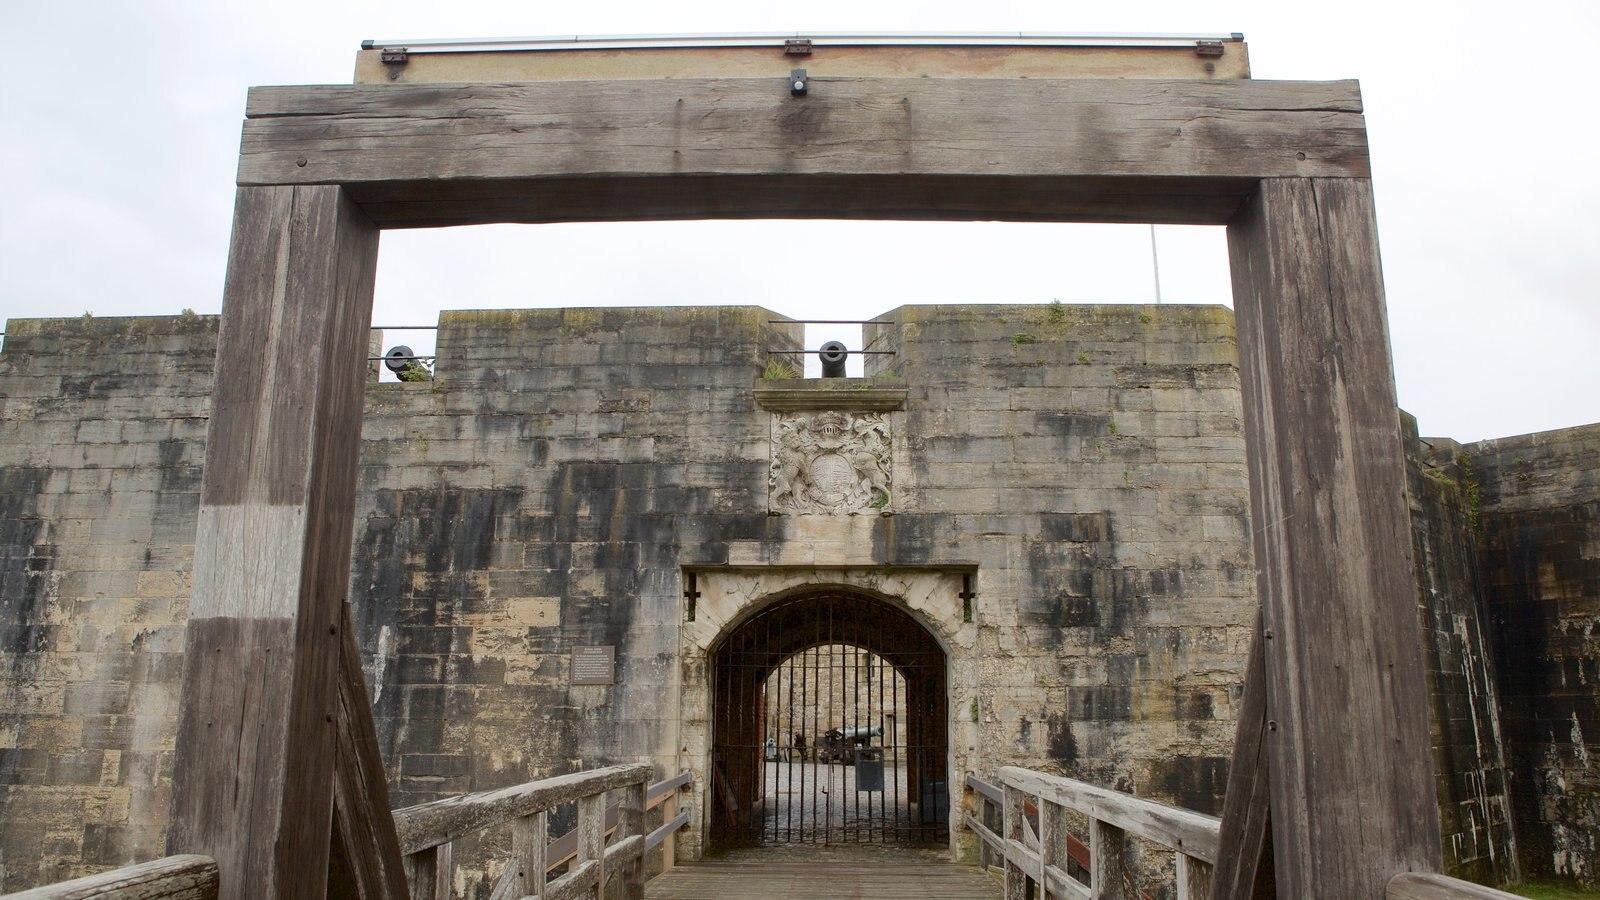 Southsea Castle que inclui um pequeno castelo ou palácio e elementos de patrimônio